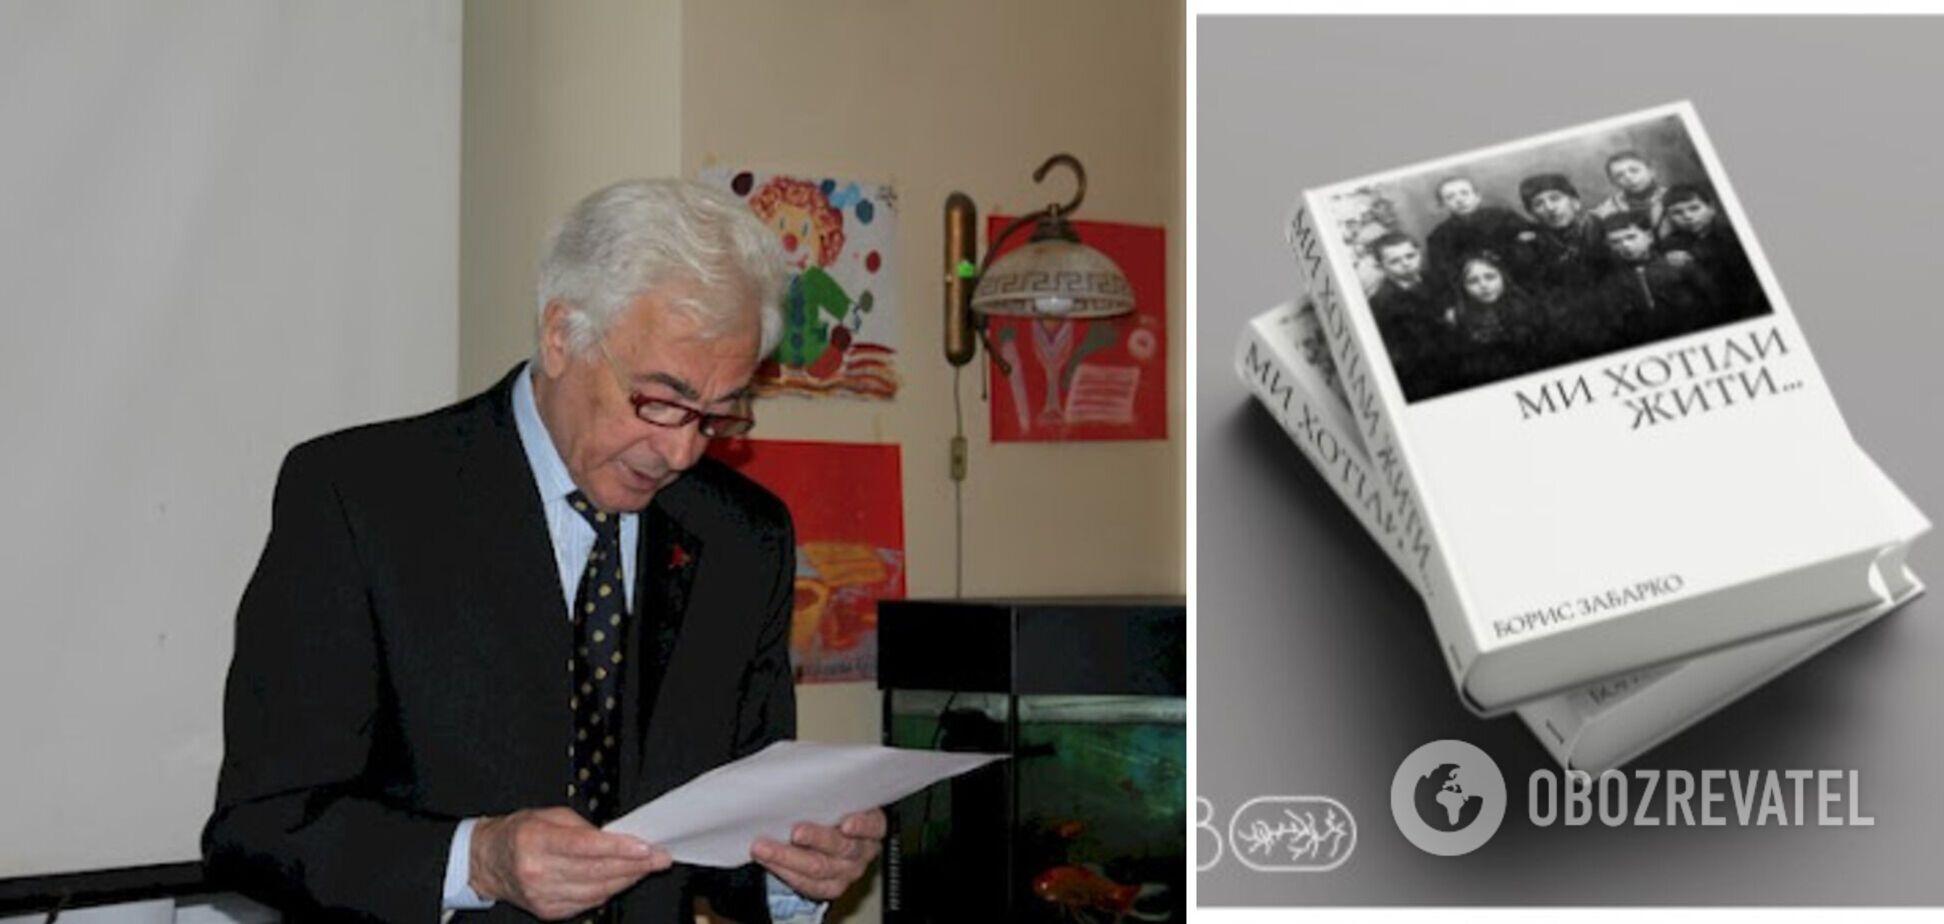 5 октября состоится презентация книги 'Мы хотели жить...' Бориса Забарко